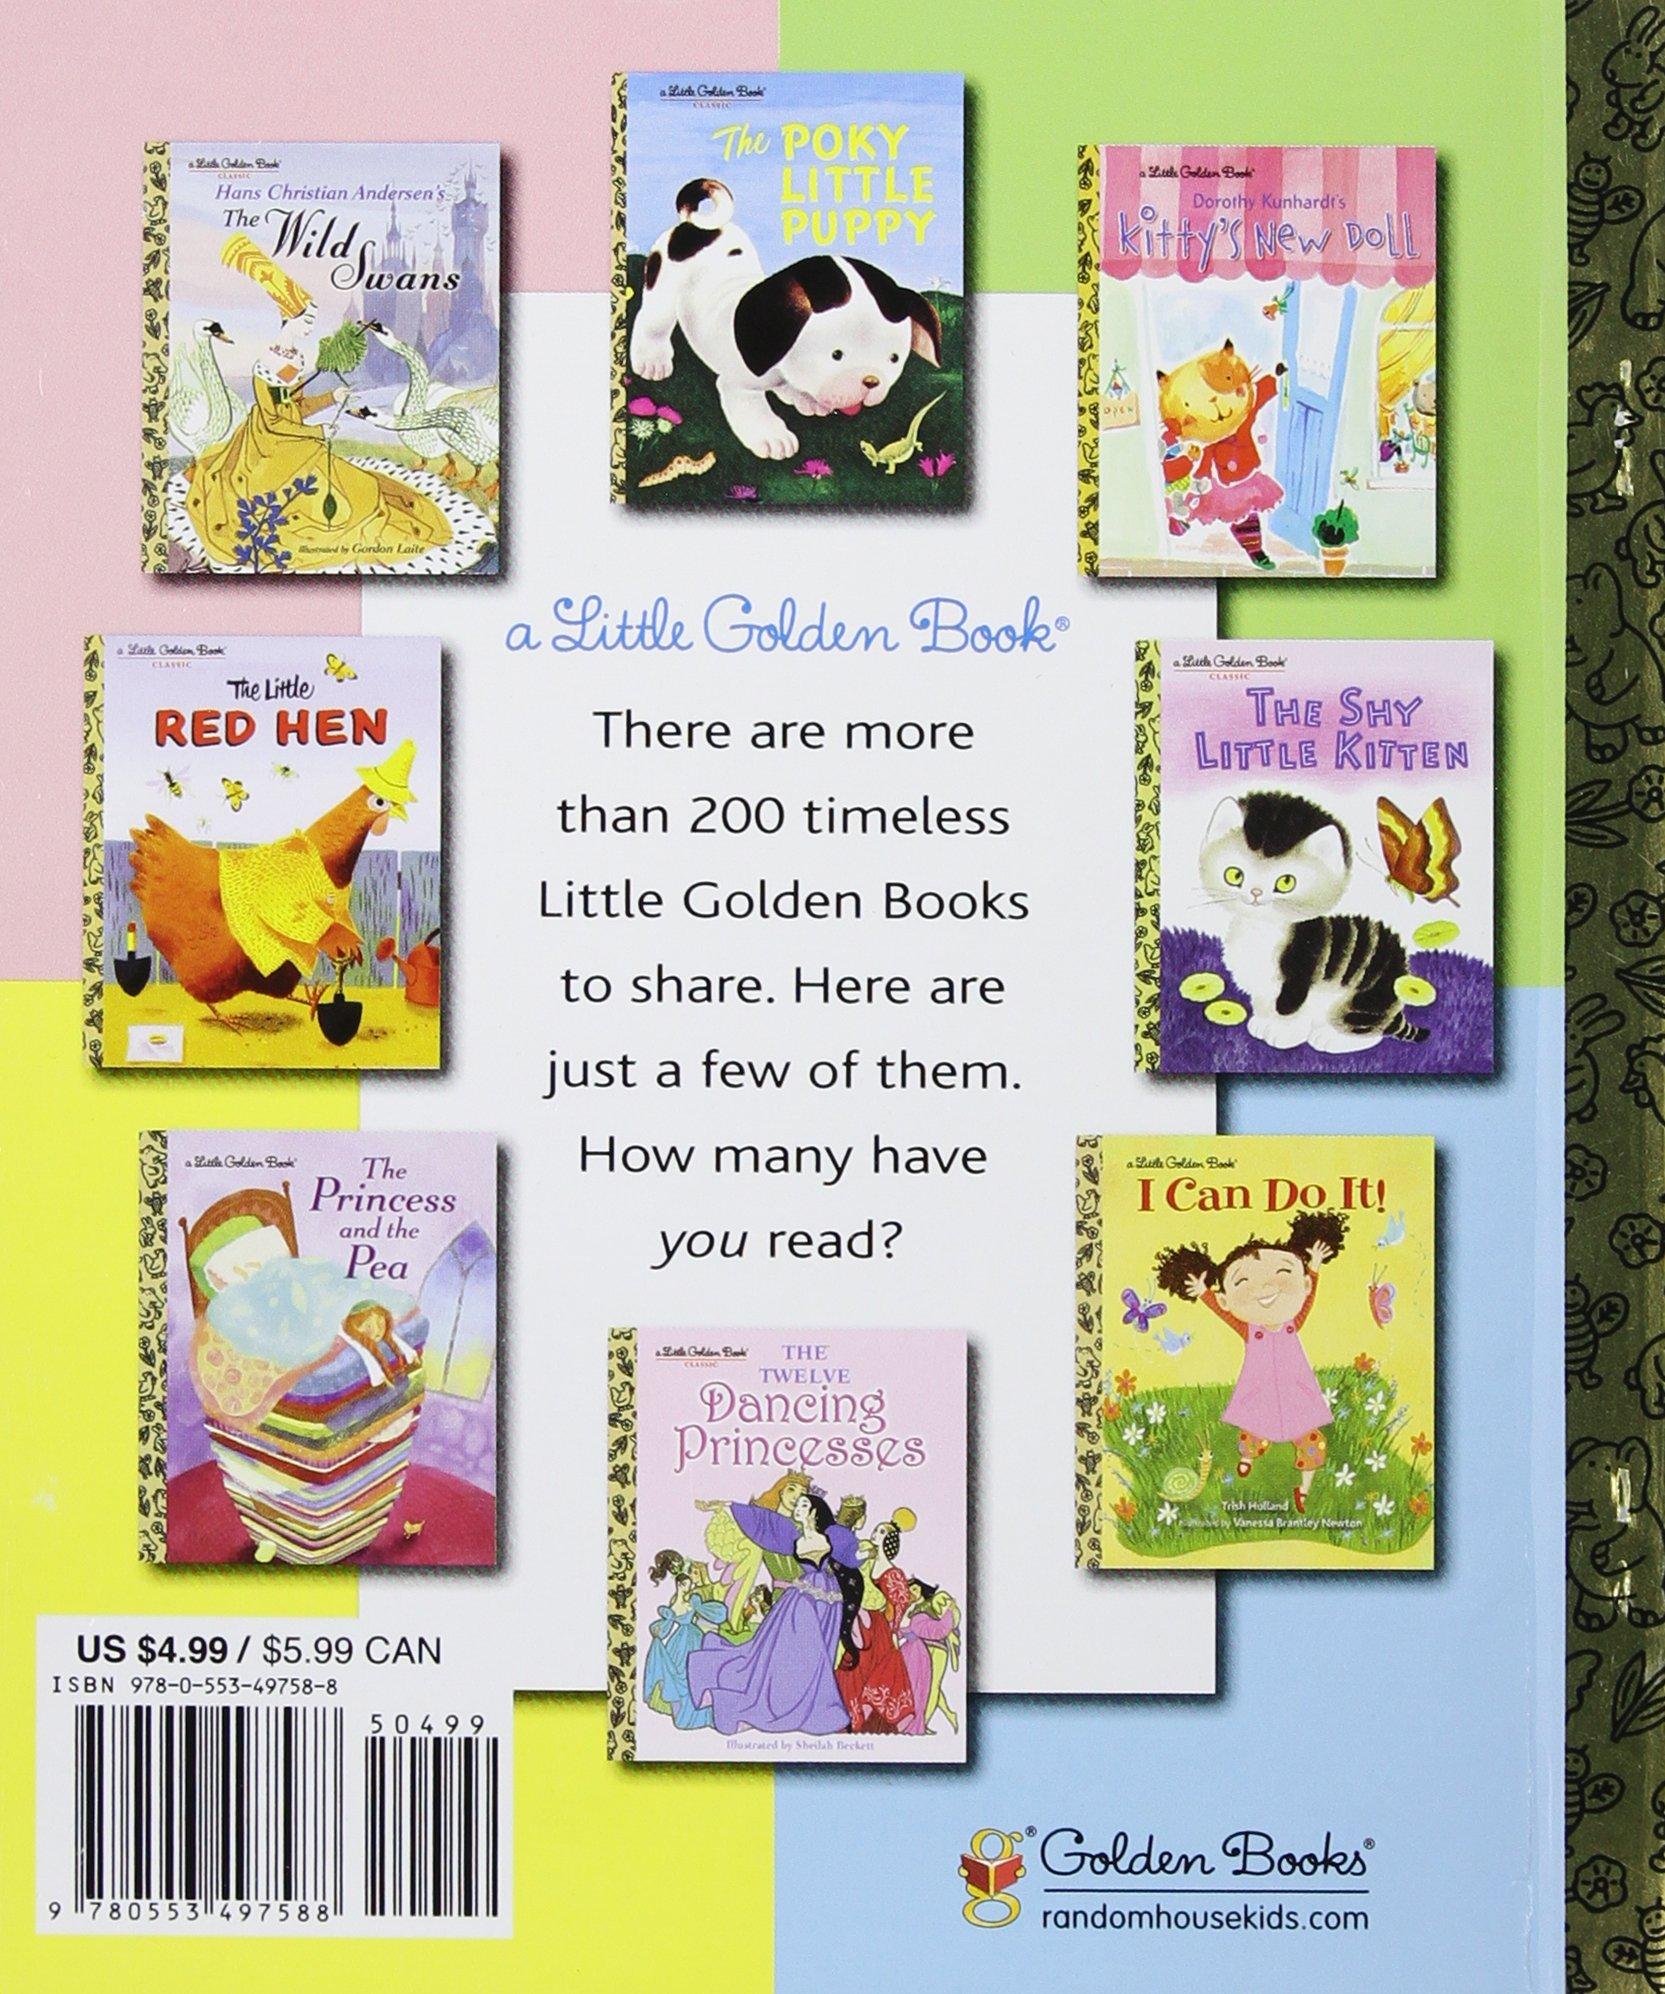 (Little Golden Book) (9780553497588): Sue Fliess, Joey Chou: Books